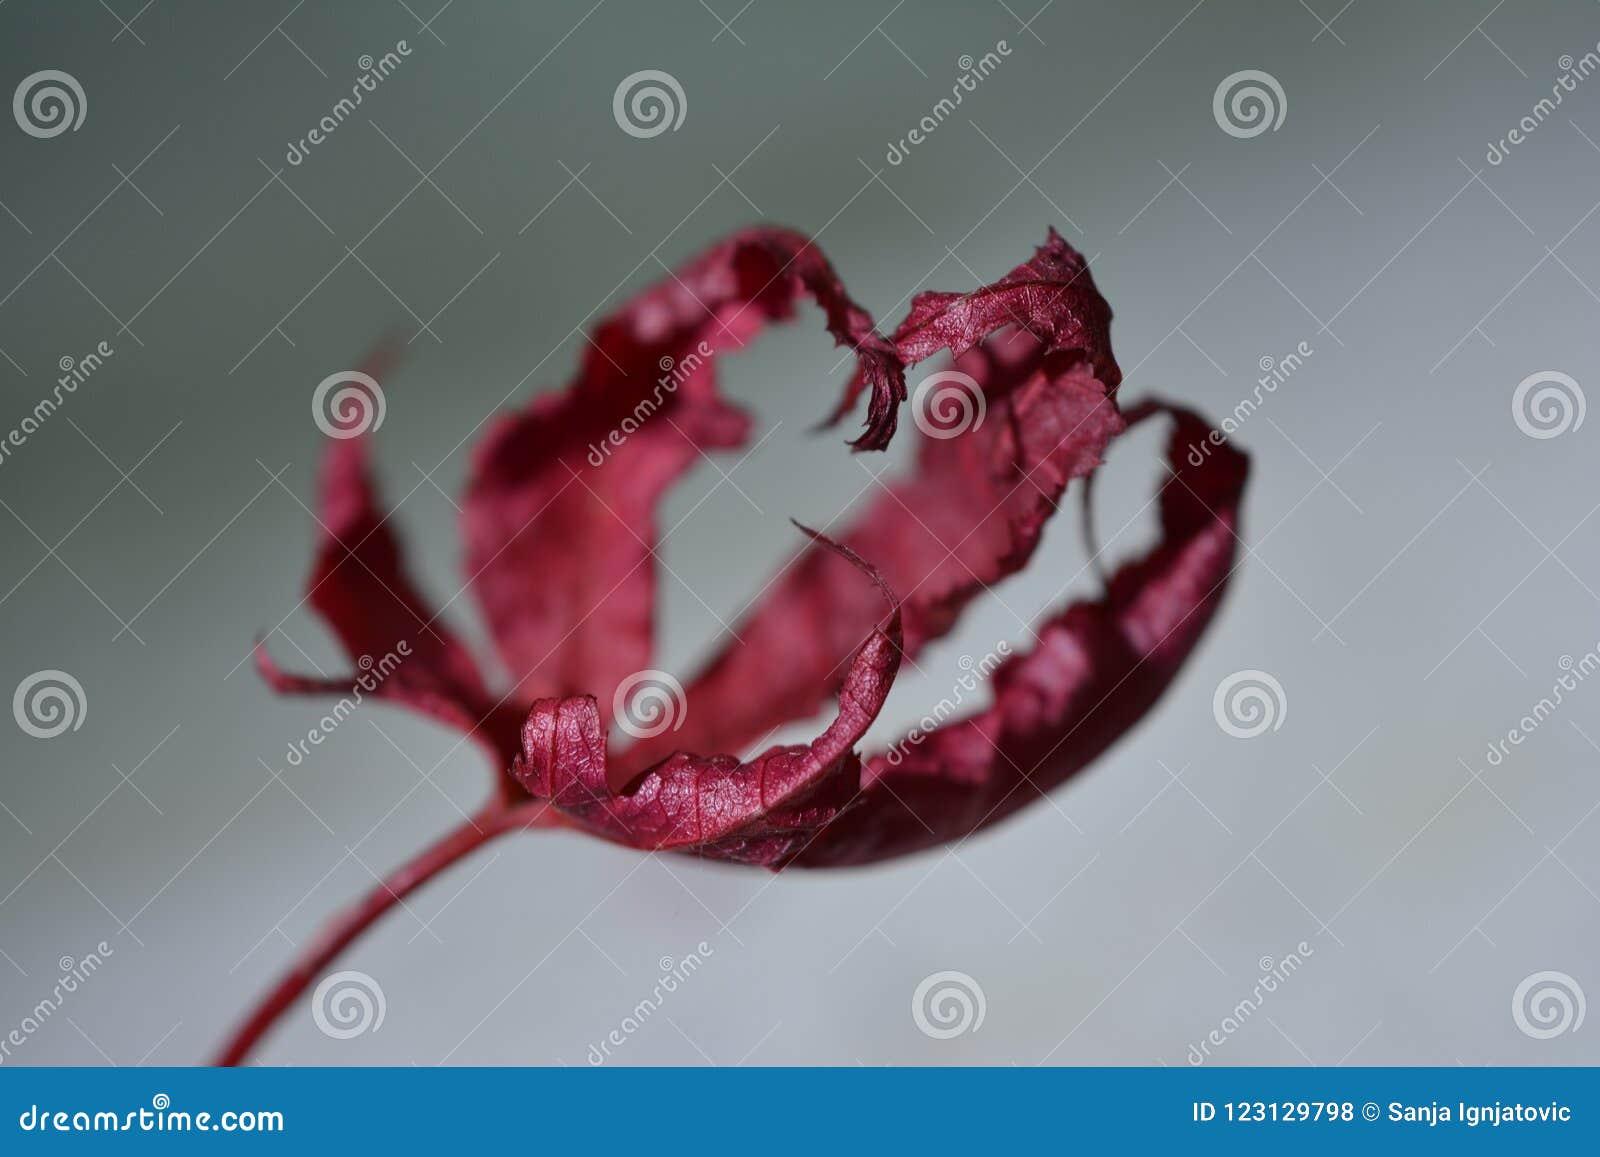 листья сердца сделали красный цвет